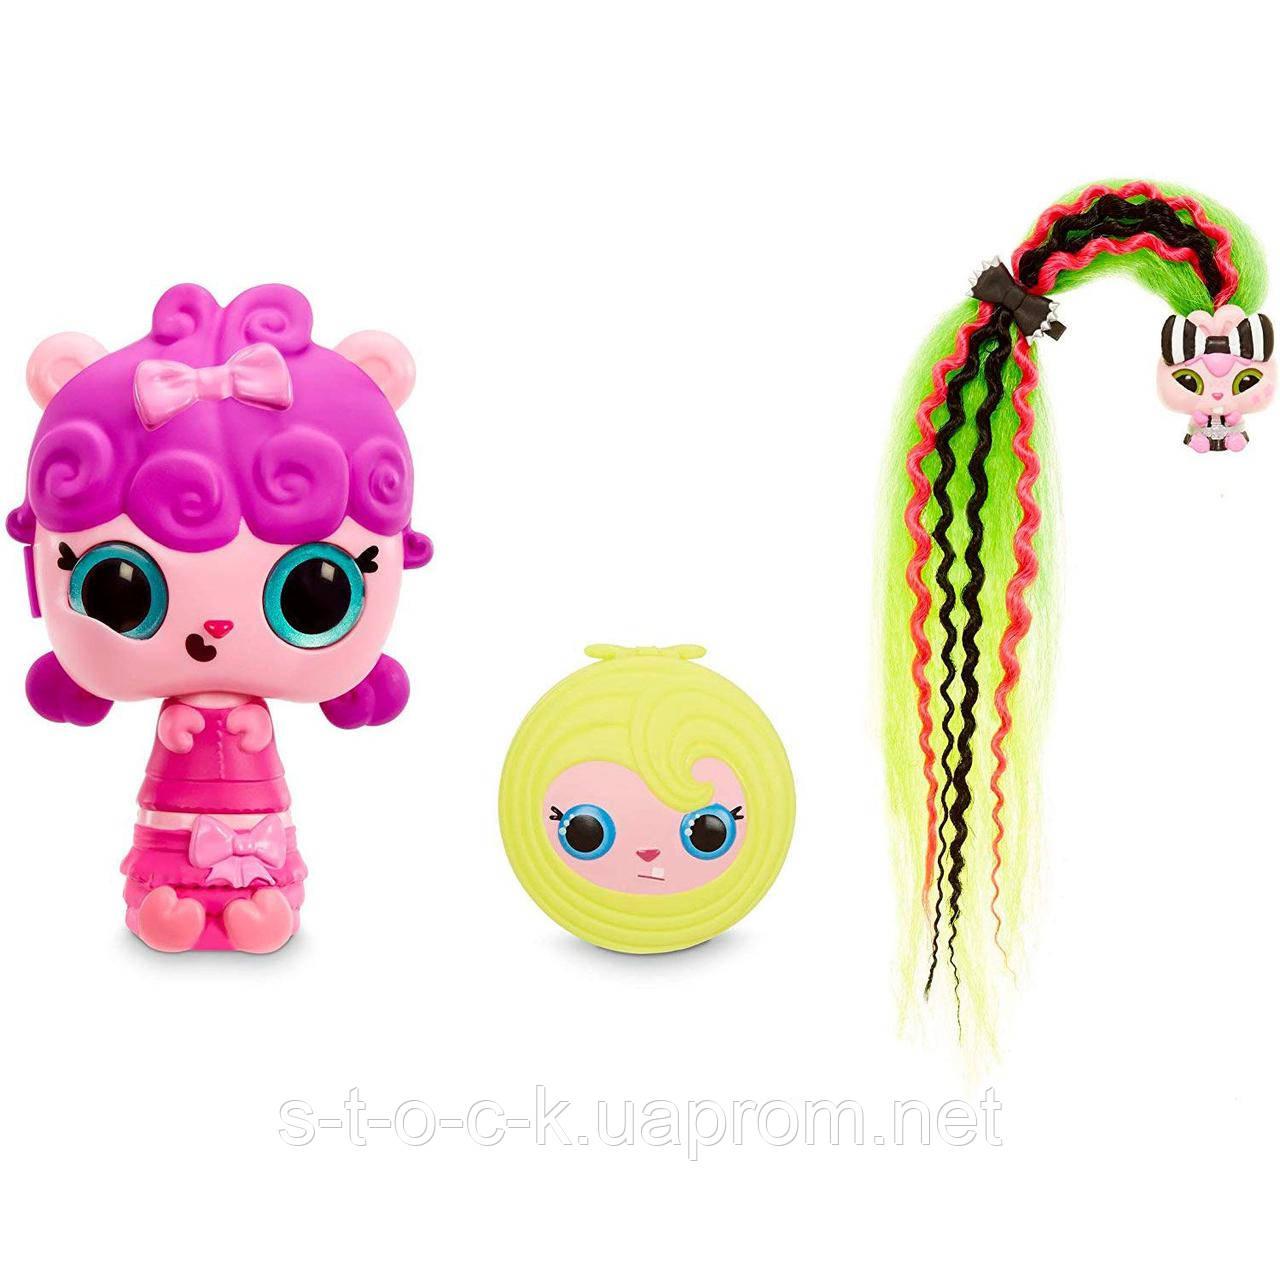 Игрушка Pop Pop Hair Surprise 3 в 1 MGA 562665 /2